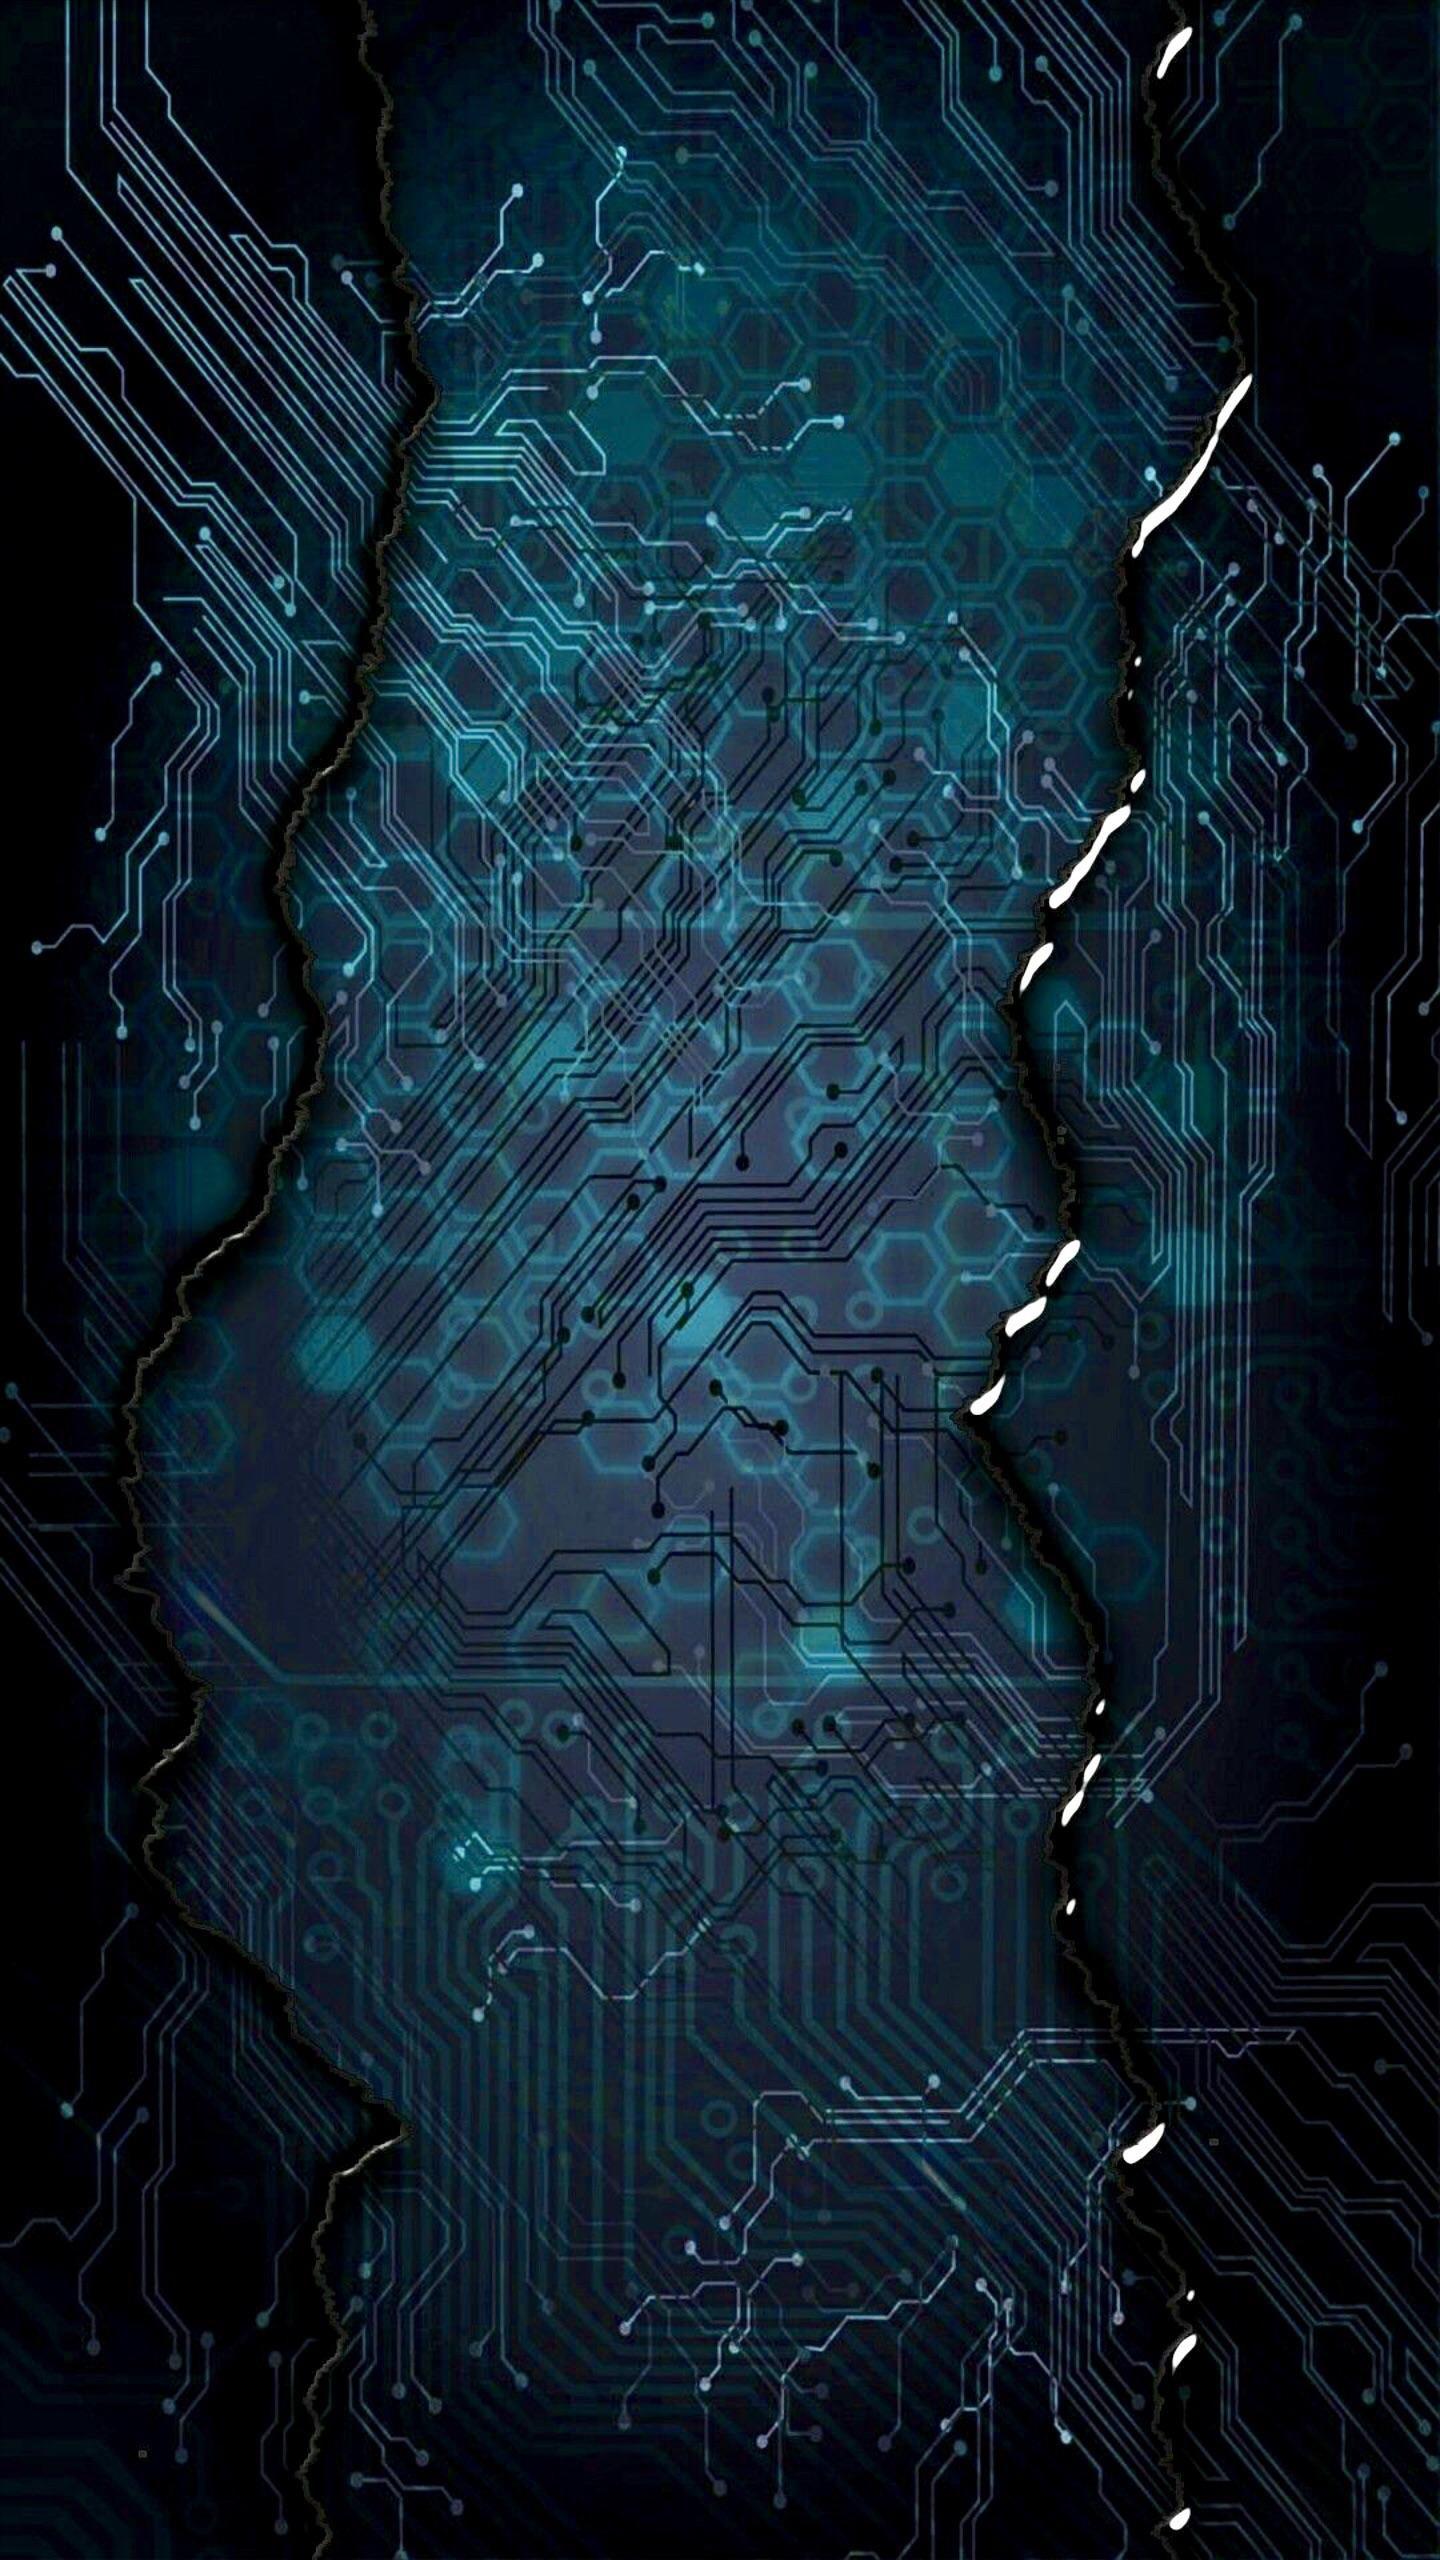 Broken Samsung Wallpaper Android Wallpaper Dark Android Wallpaper Hd Nature